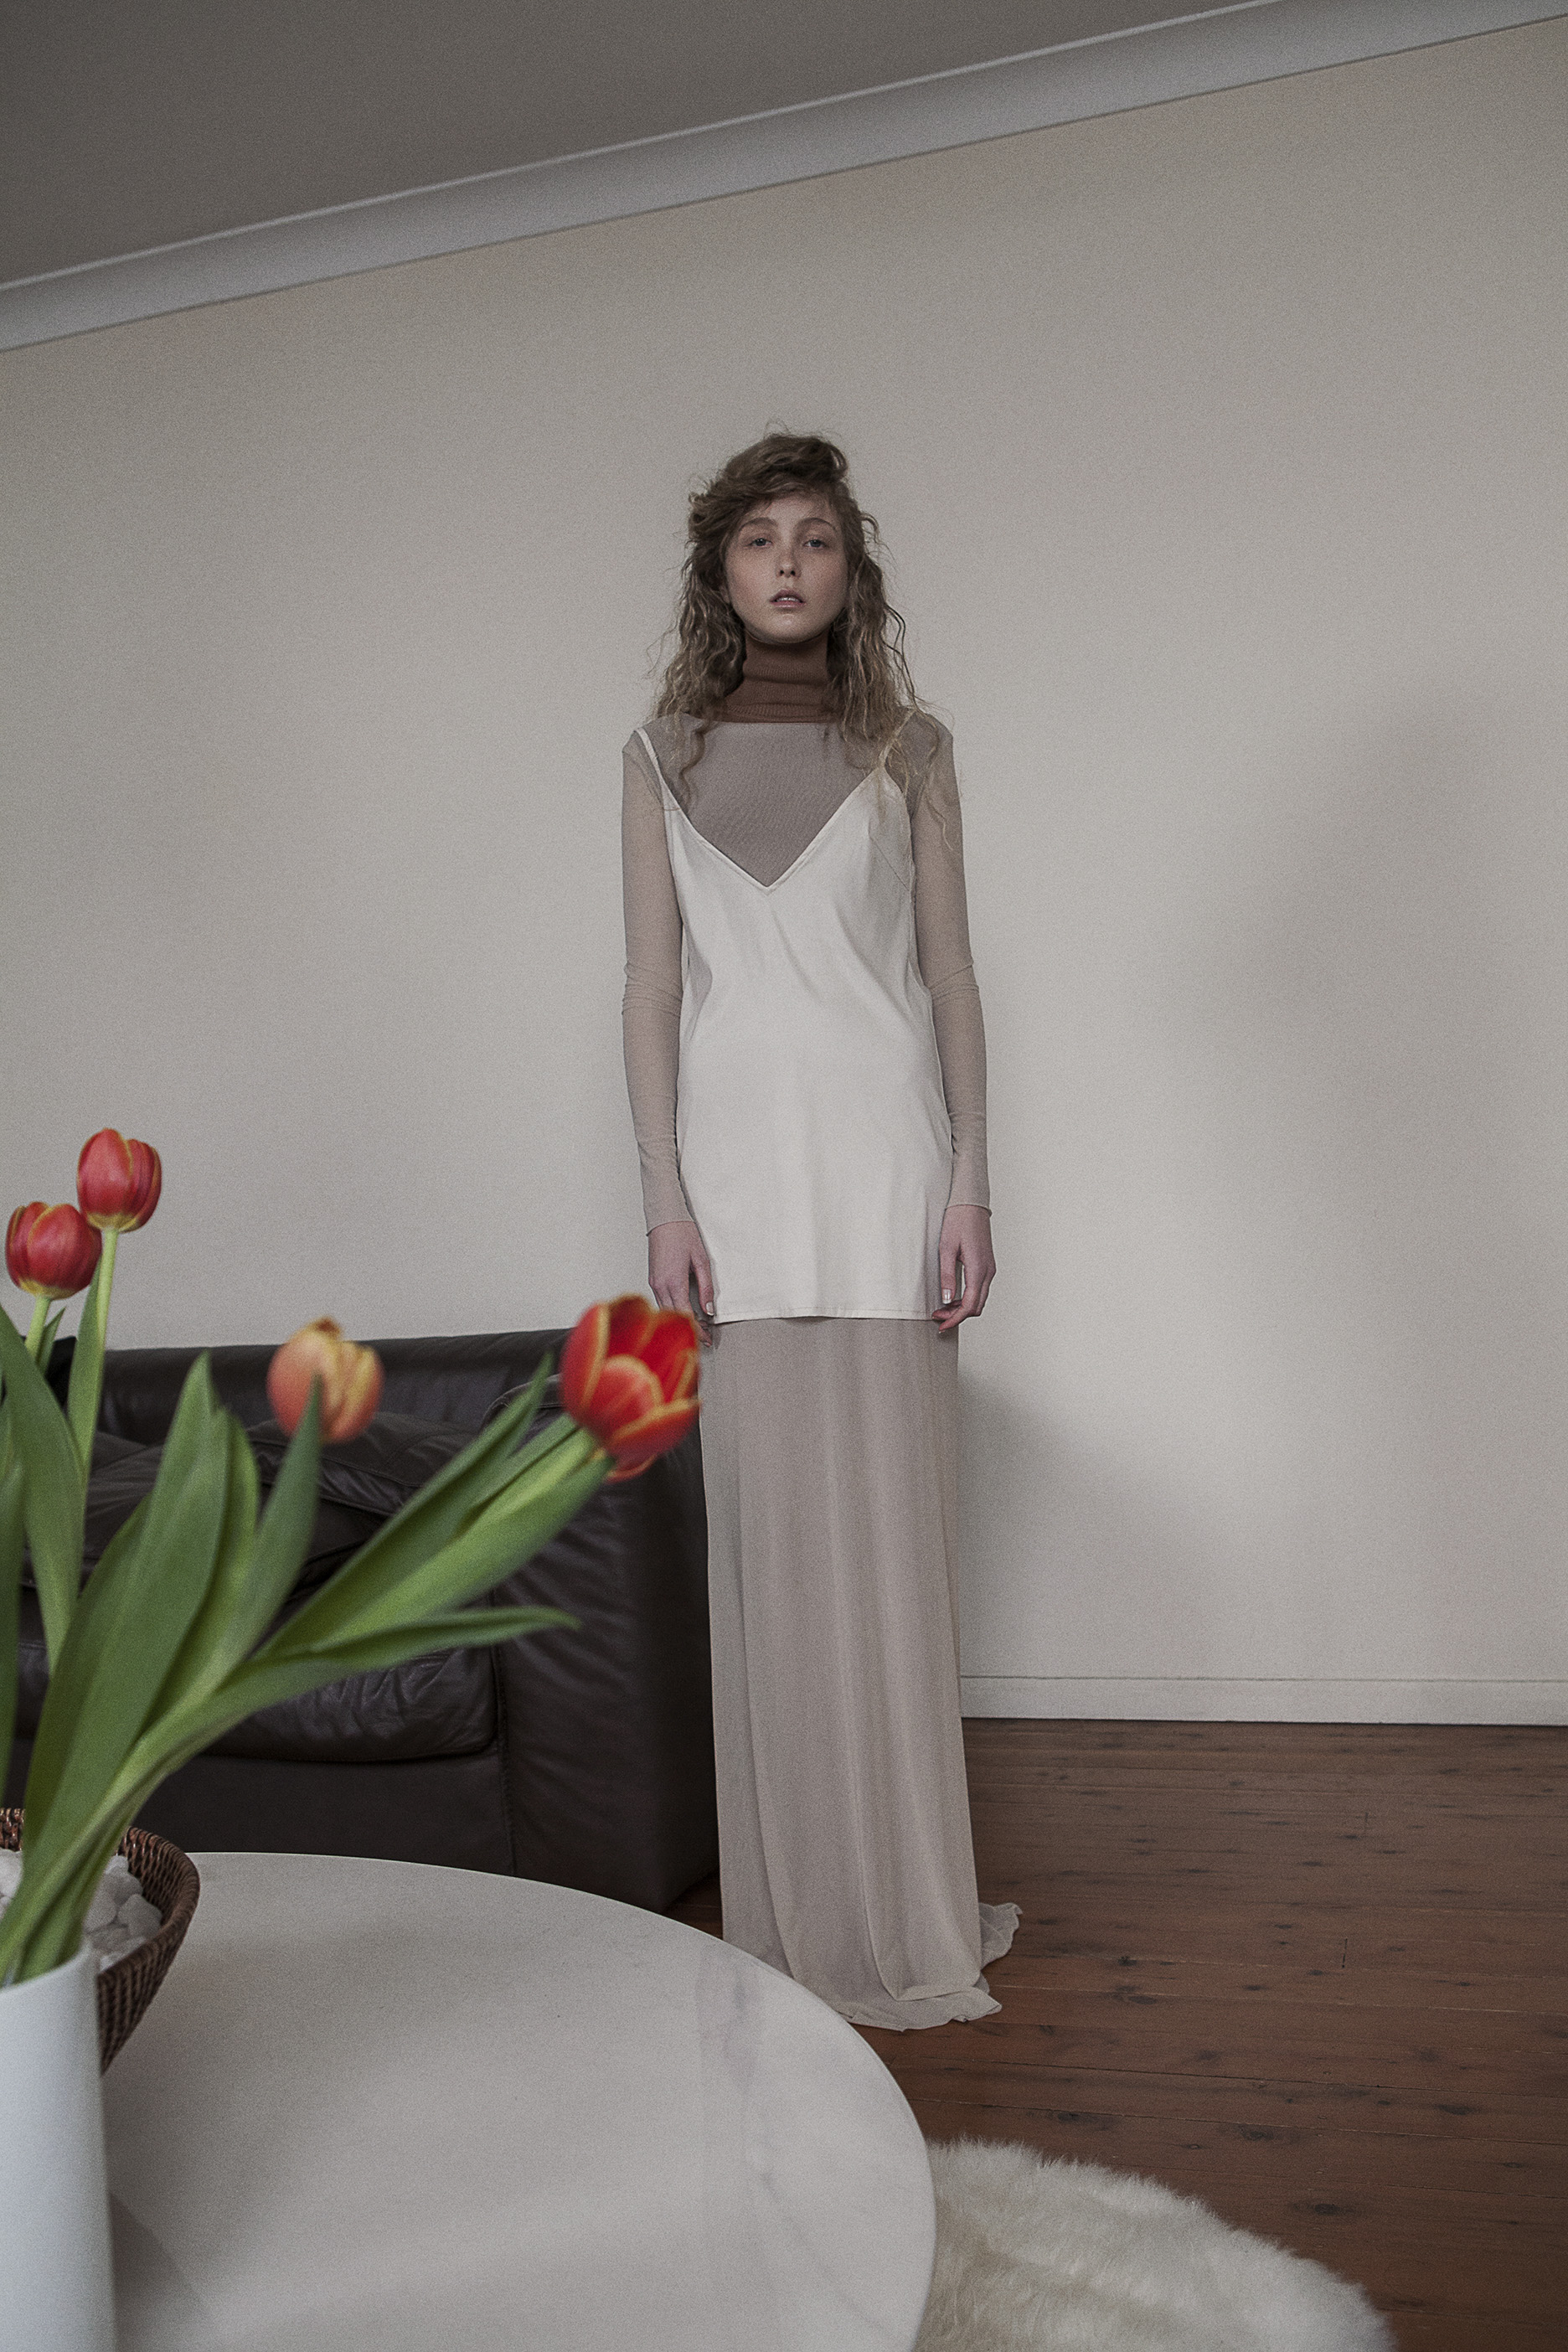 turtle neck  vintage zoo emporium   mesh dress (worn under) saint ella   slip dress saint ella